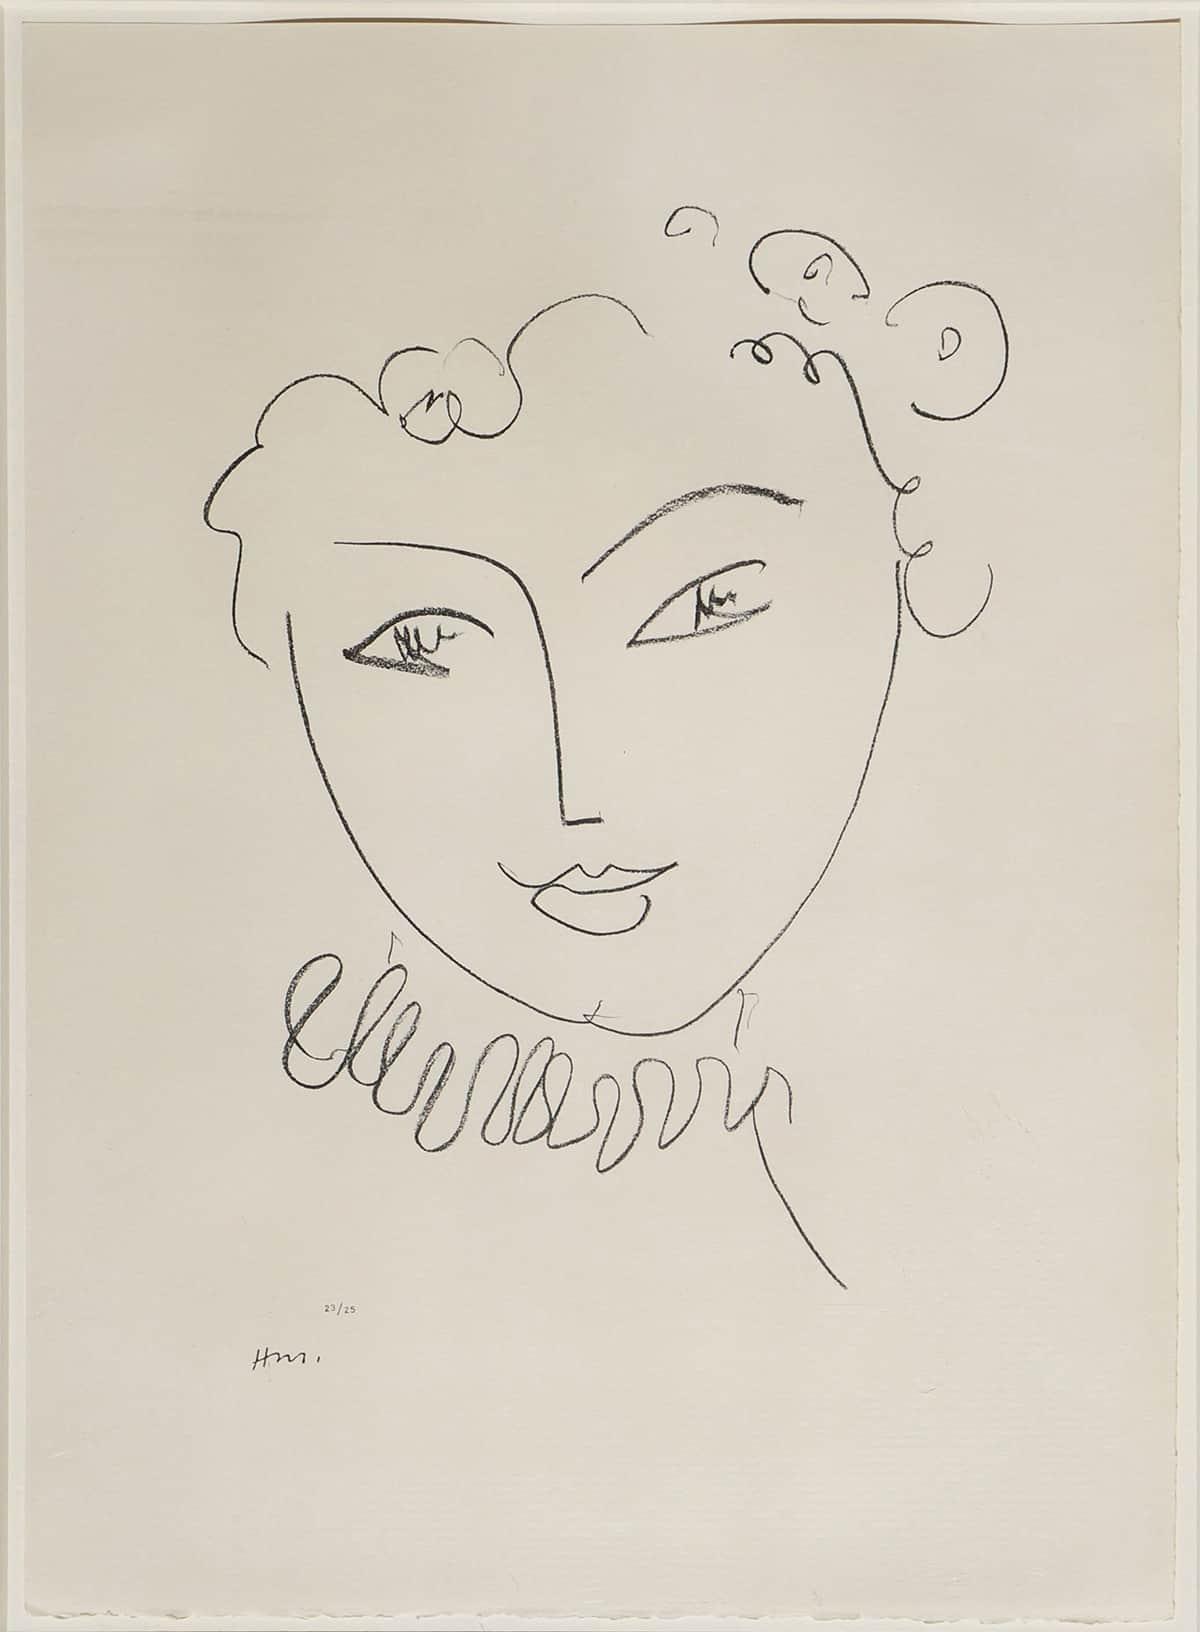 La Pompadour by Henri Matisse, 1951 at Galerie Thomas